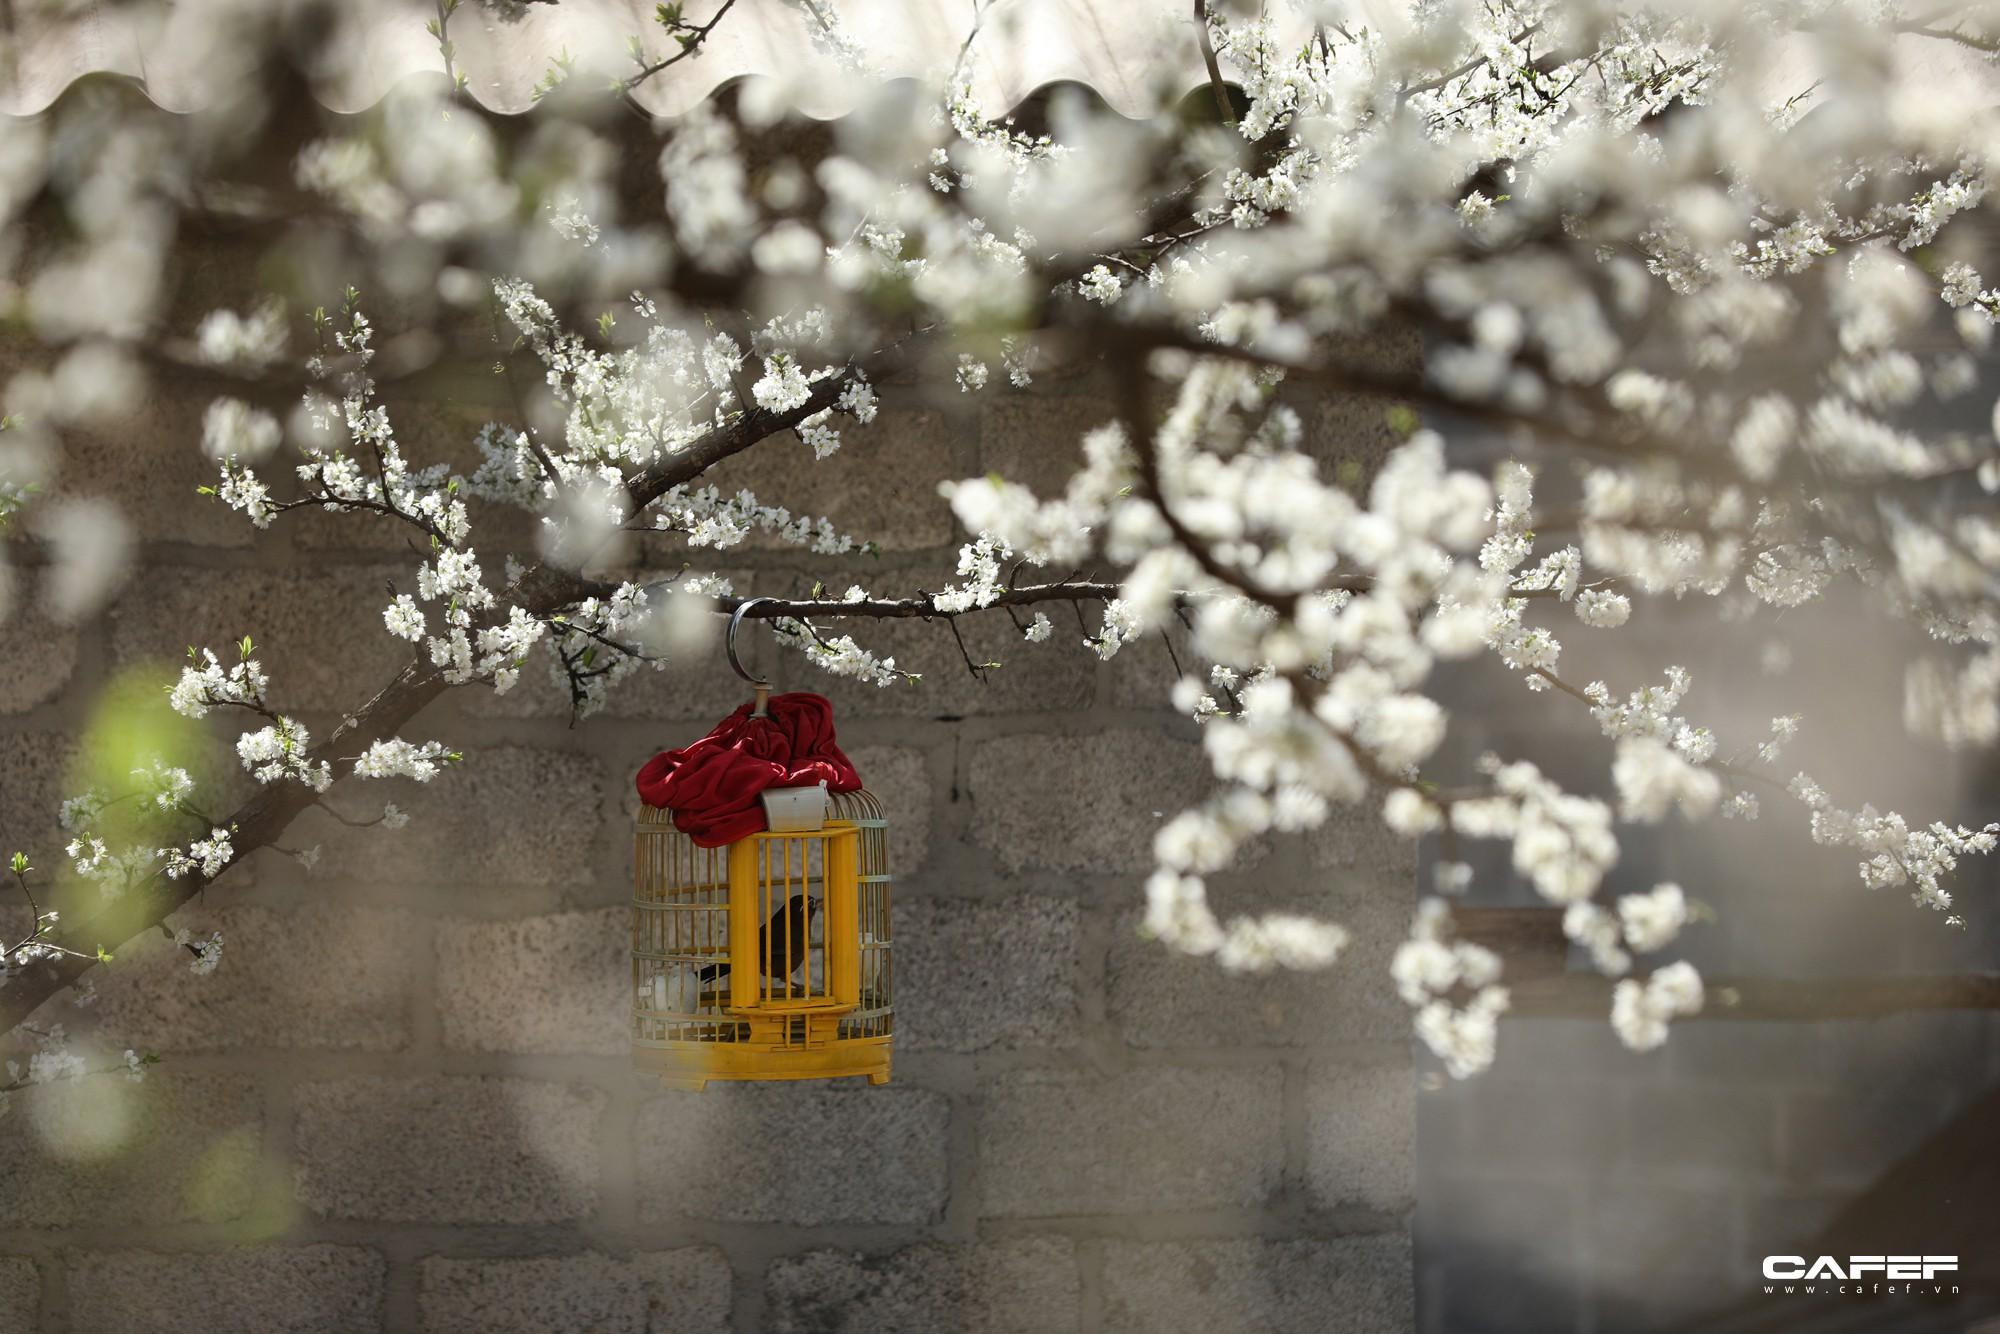 Đến Hà Giang mùa xuân, ngẩn ngơ xem đá nở hoa - Ảnh 8.